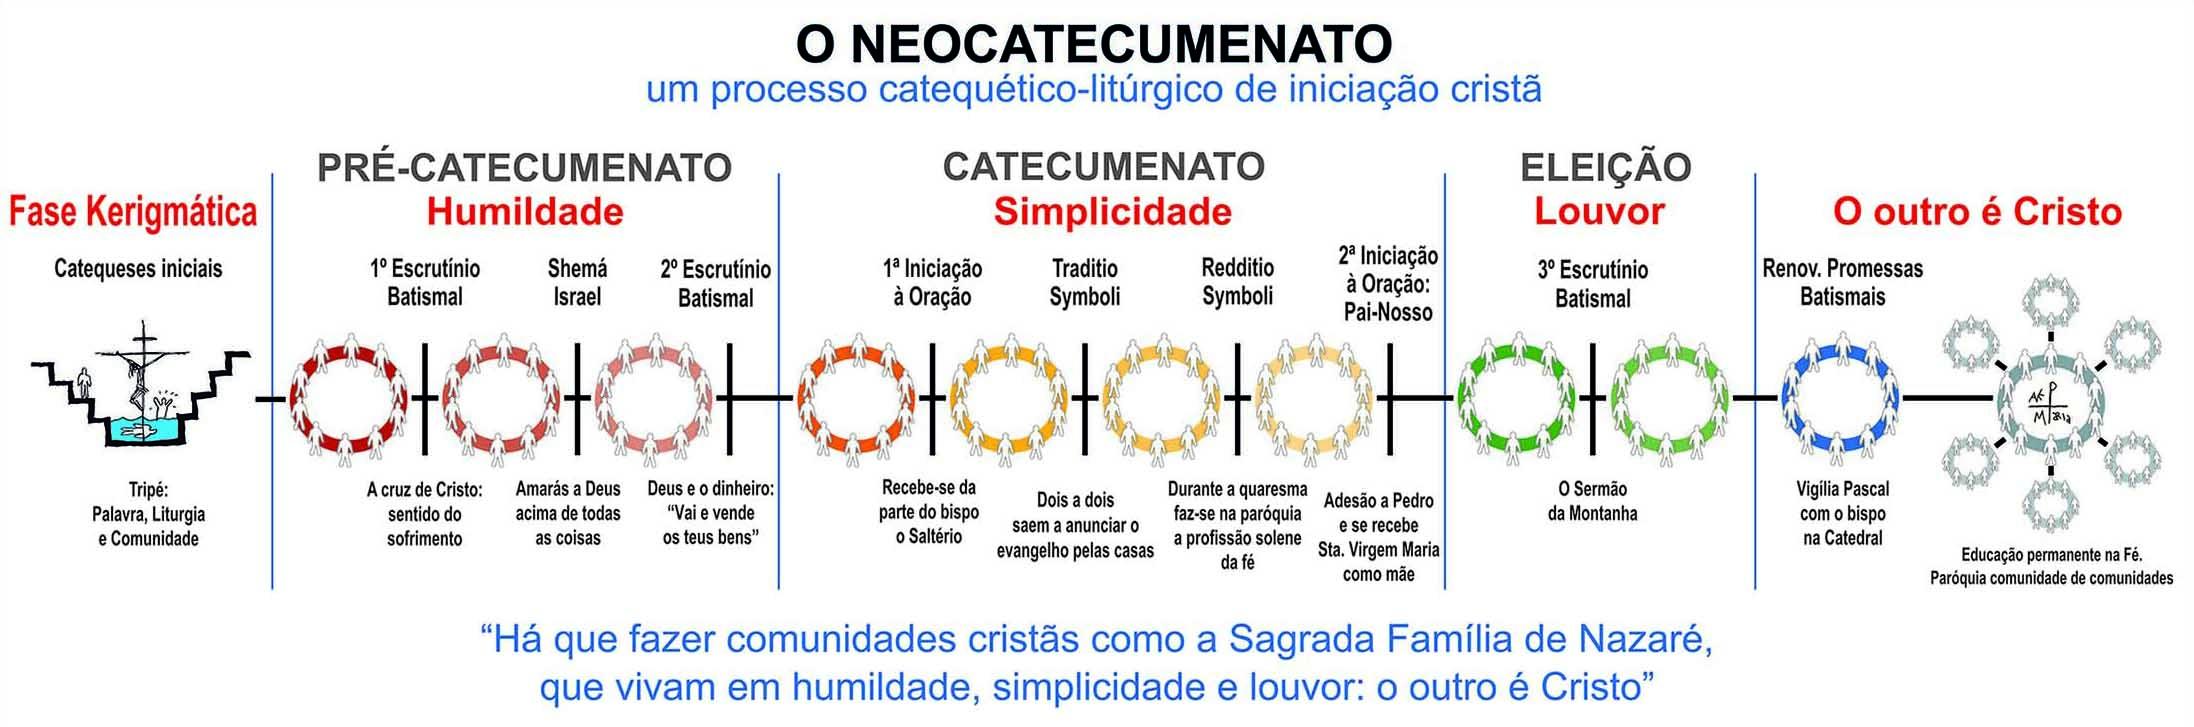 Etapas do Caminho Neocatecumenal